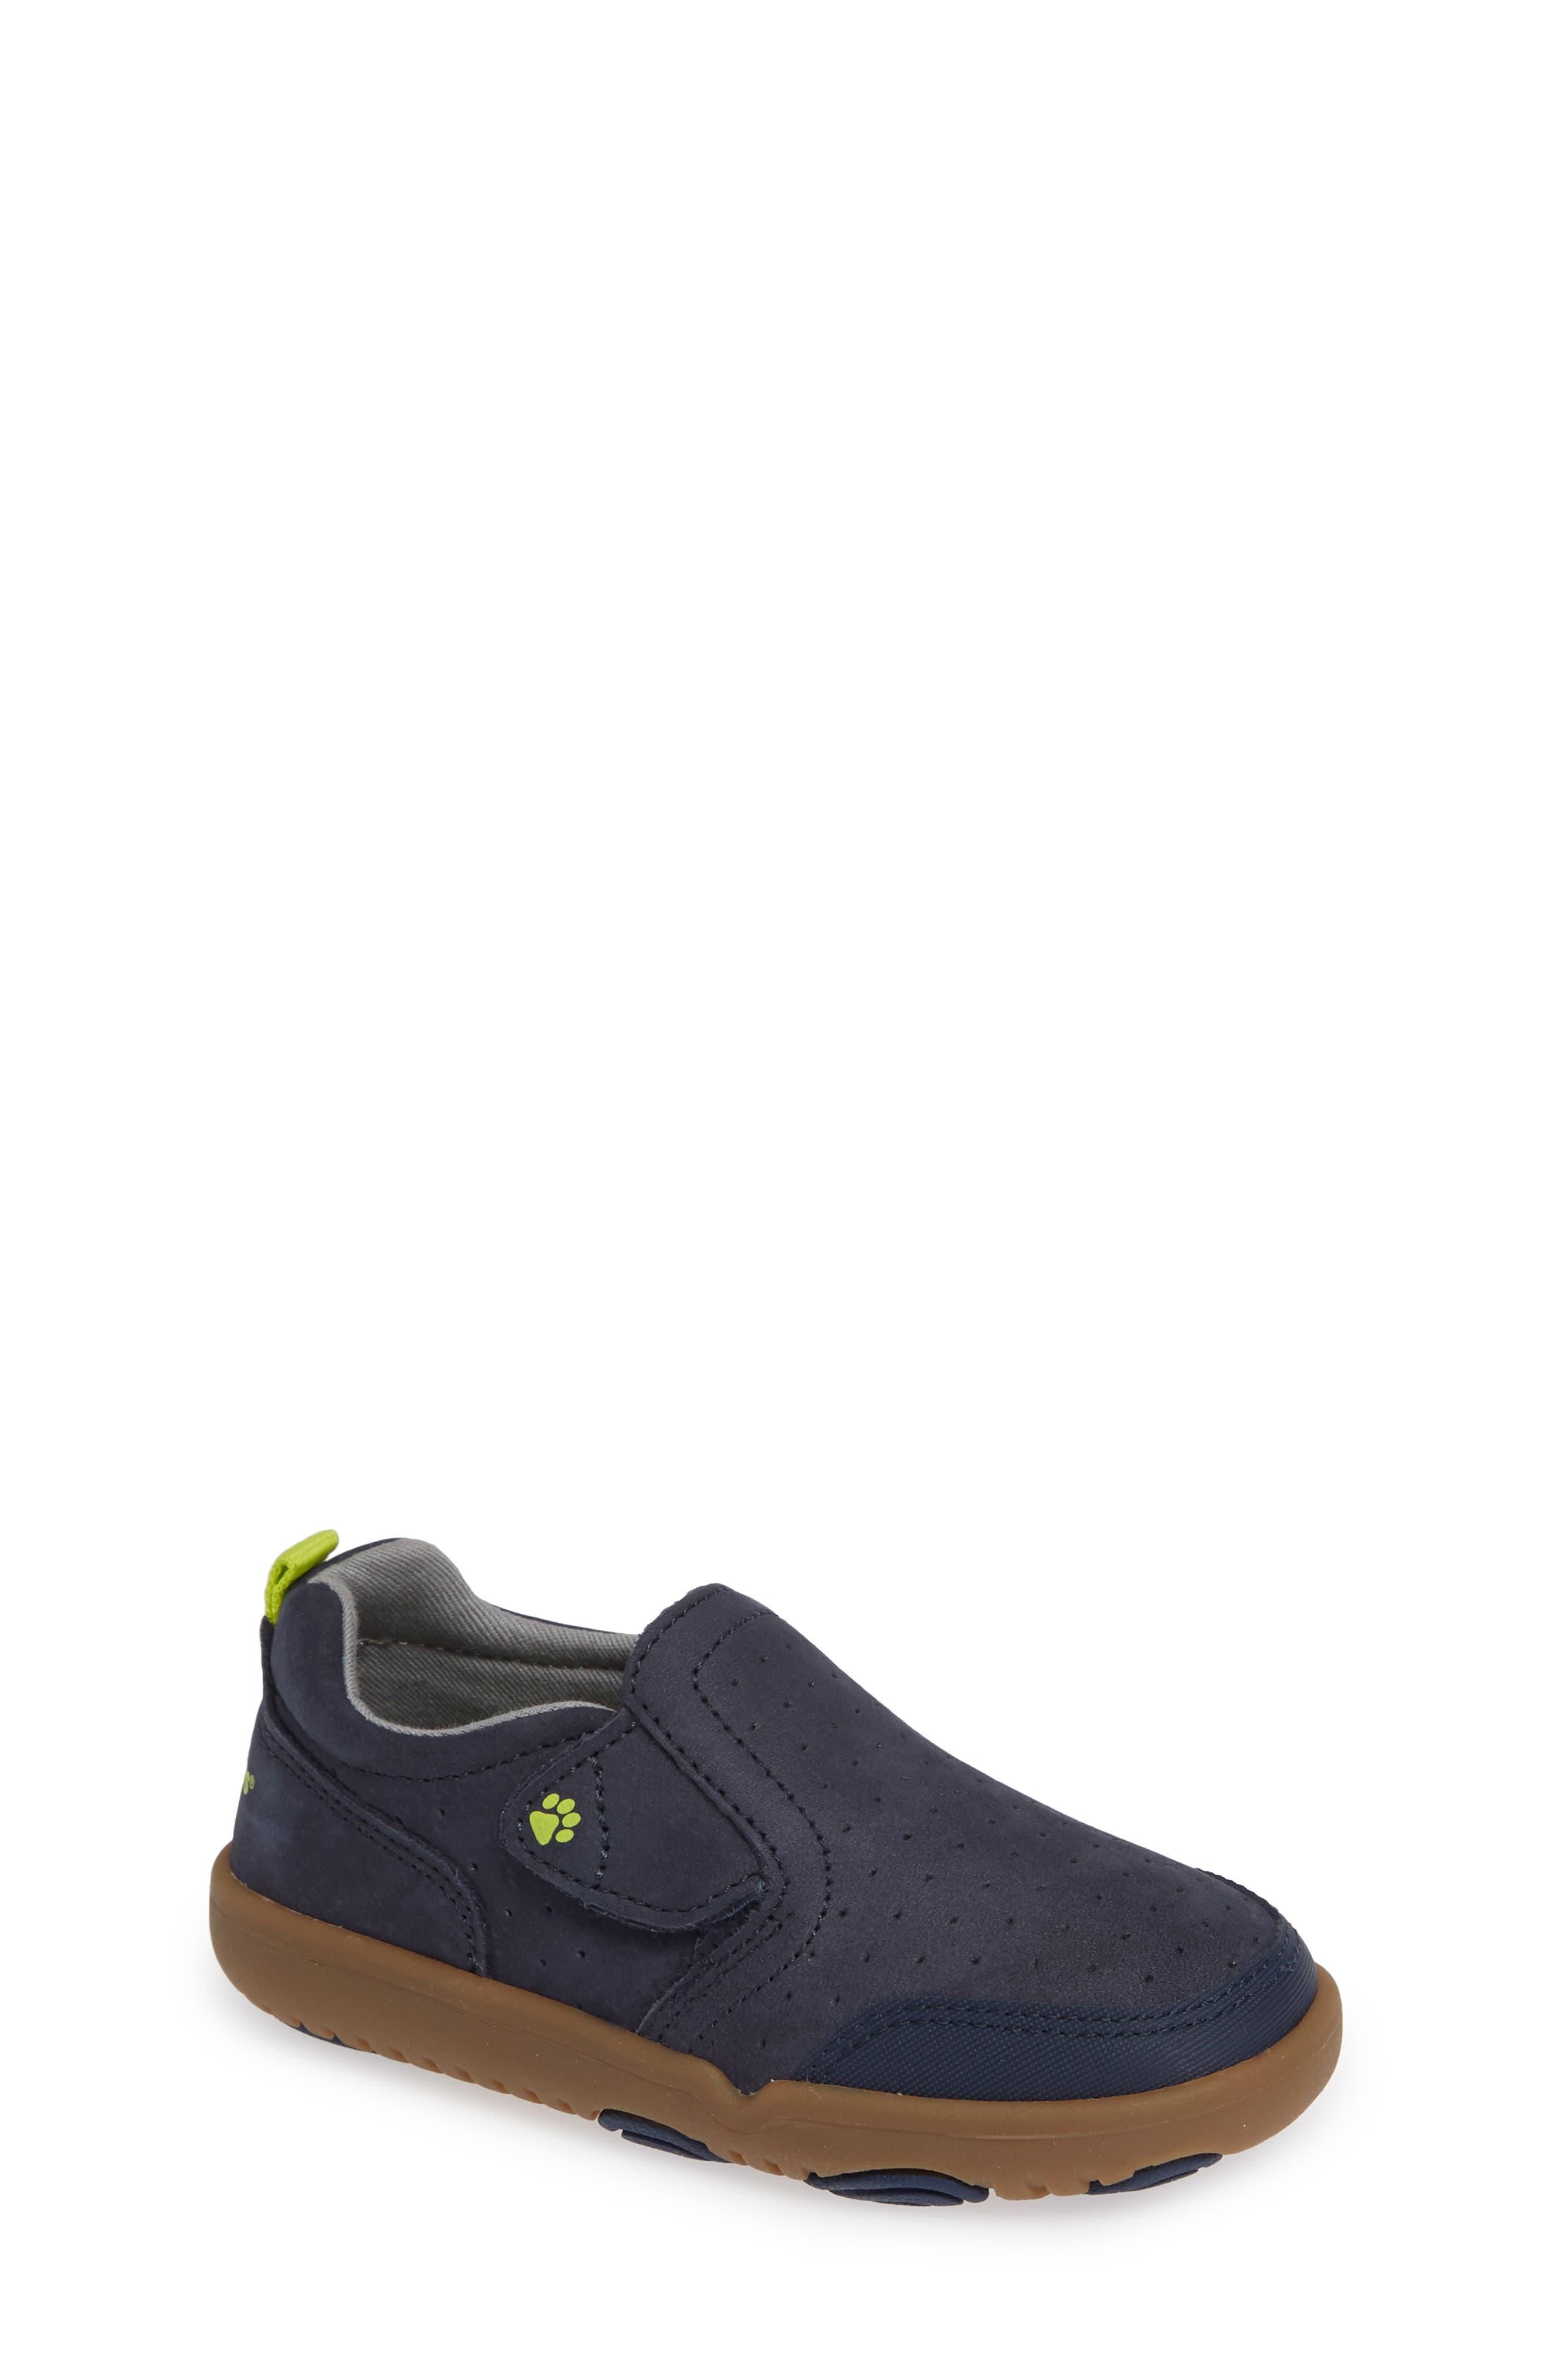 Marley Sneaker,                             Main thumbnail 1, color,                             NAVY